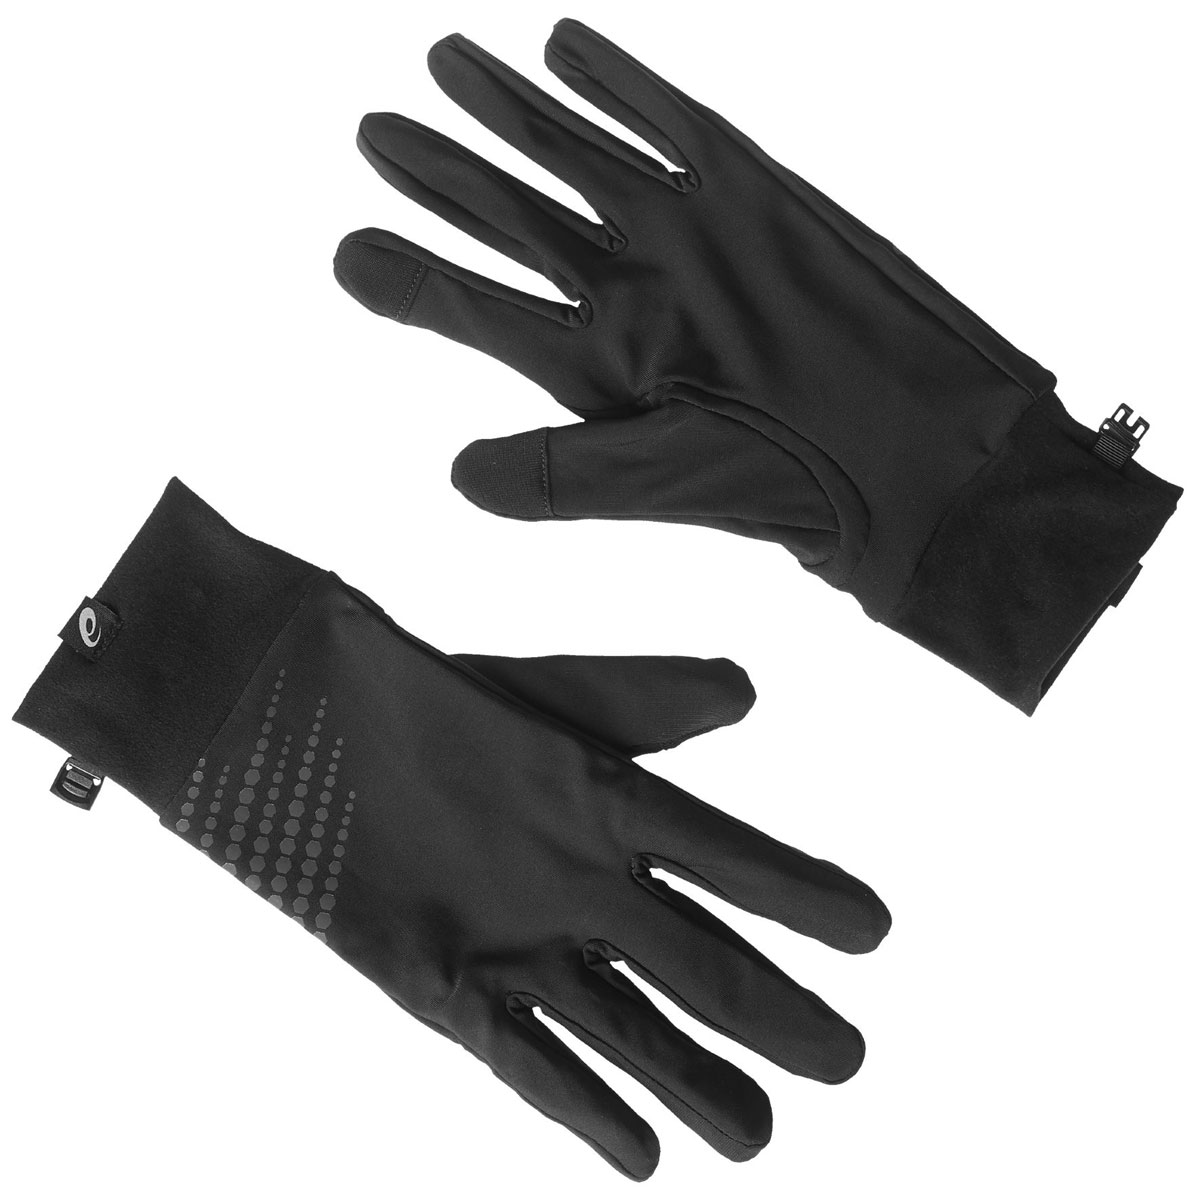 Перчатки для бега Asics Basic Performance Gloves, цвет: черный. 134927-0904. Размер XL (11)134927-0904Спортивные перчатки для бега Asics выполнены из полиамида и эластана, комфортных при носке. Снаружи модель оформлена оригинальным принтом и нашивкой с изображением логотипа бренда. Манжет надежно зафиксирует модель на запястье, не сдавливая его. Также перчатки оснащены застежкой-фастексом.